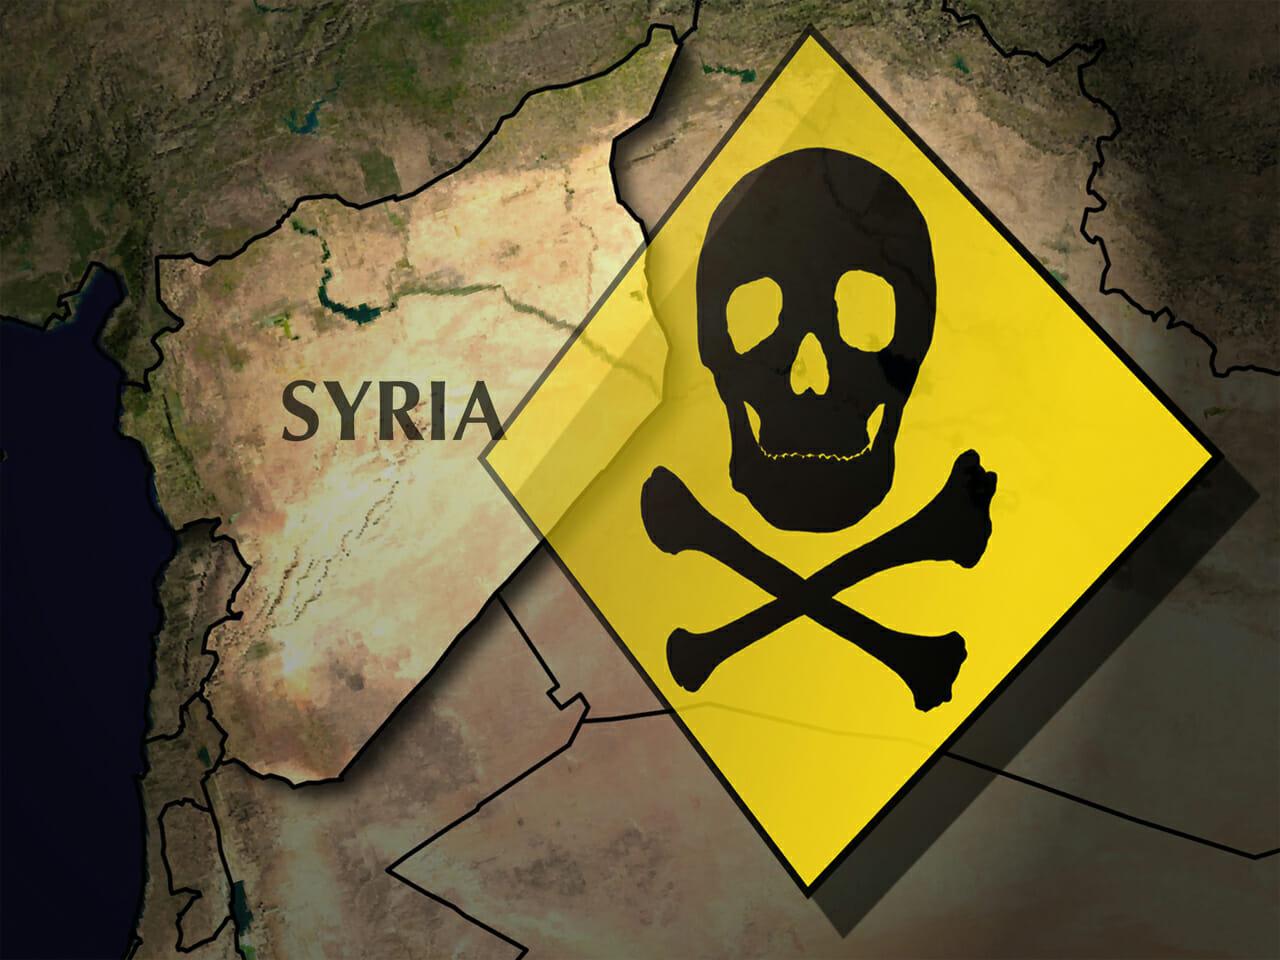 Warum hat Assad chemische Waffen eingesetzt? Weil er es kann